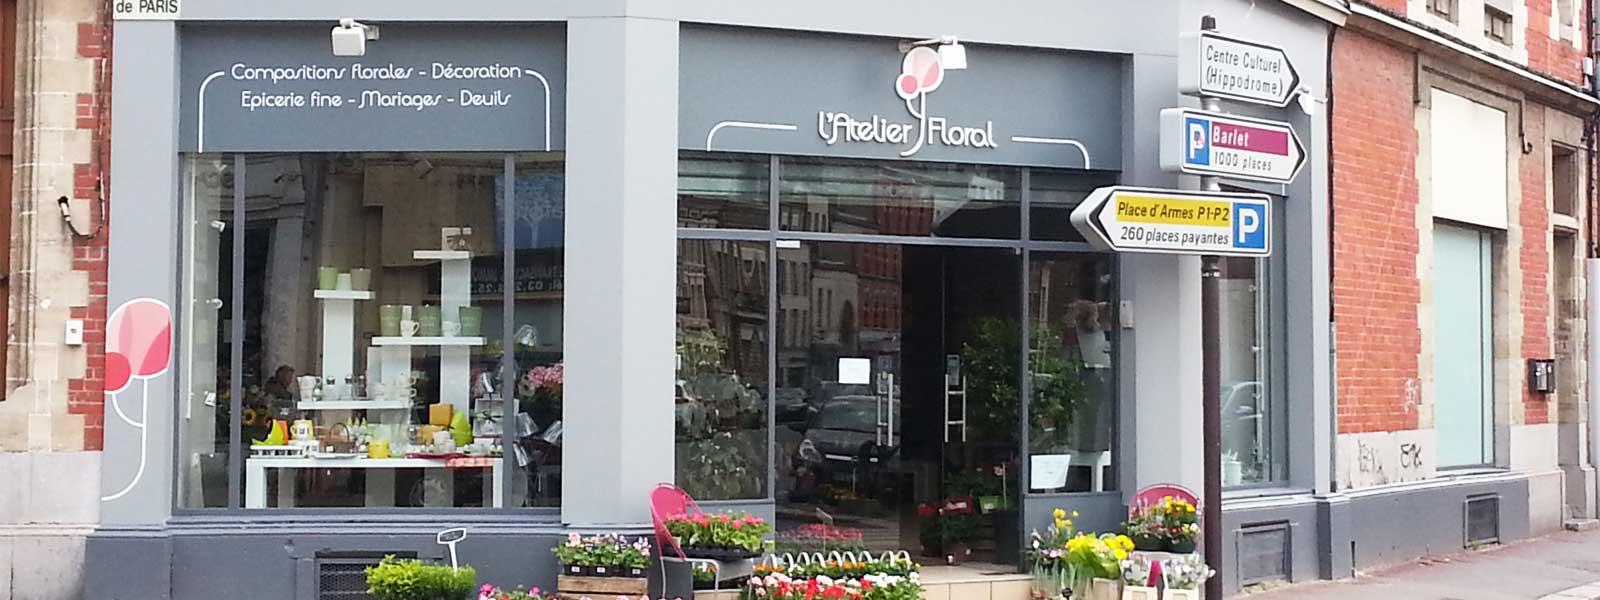 habillage enseigne magasin fleuriste